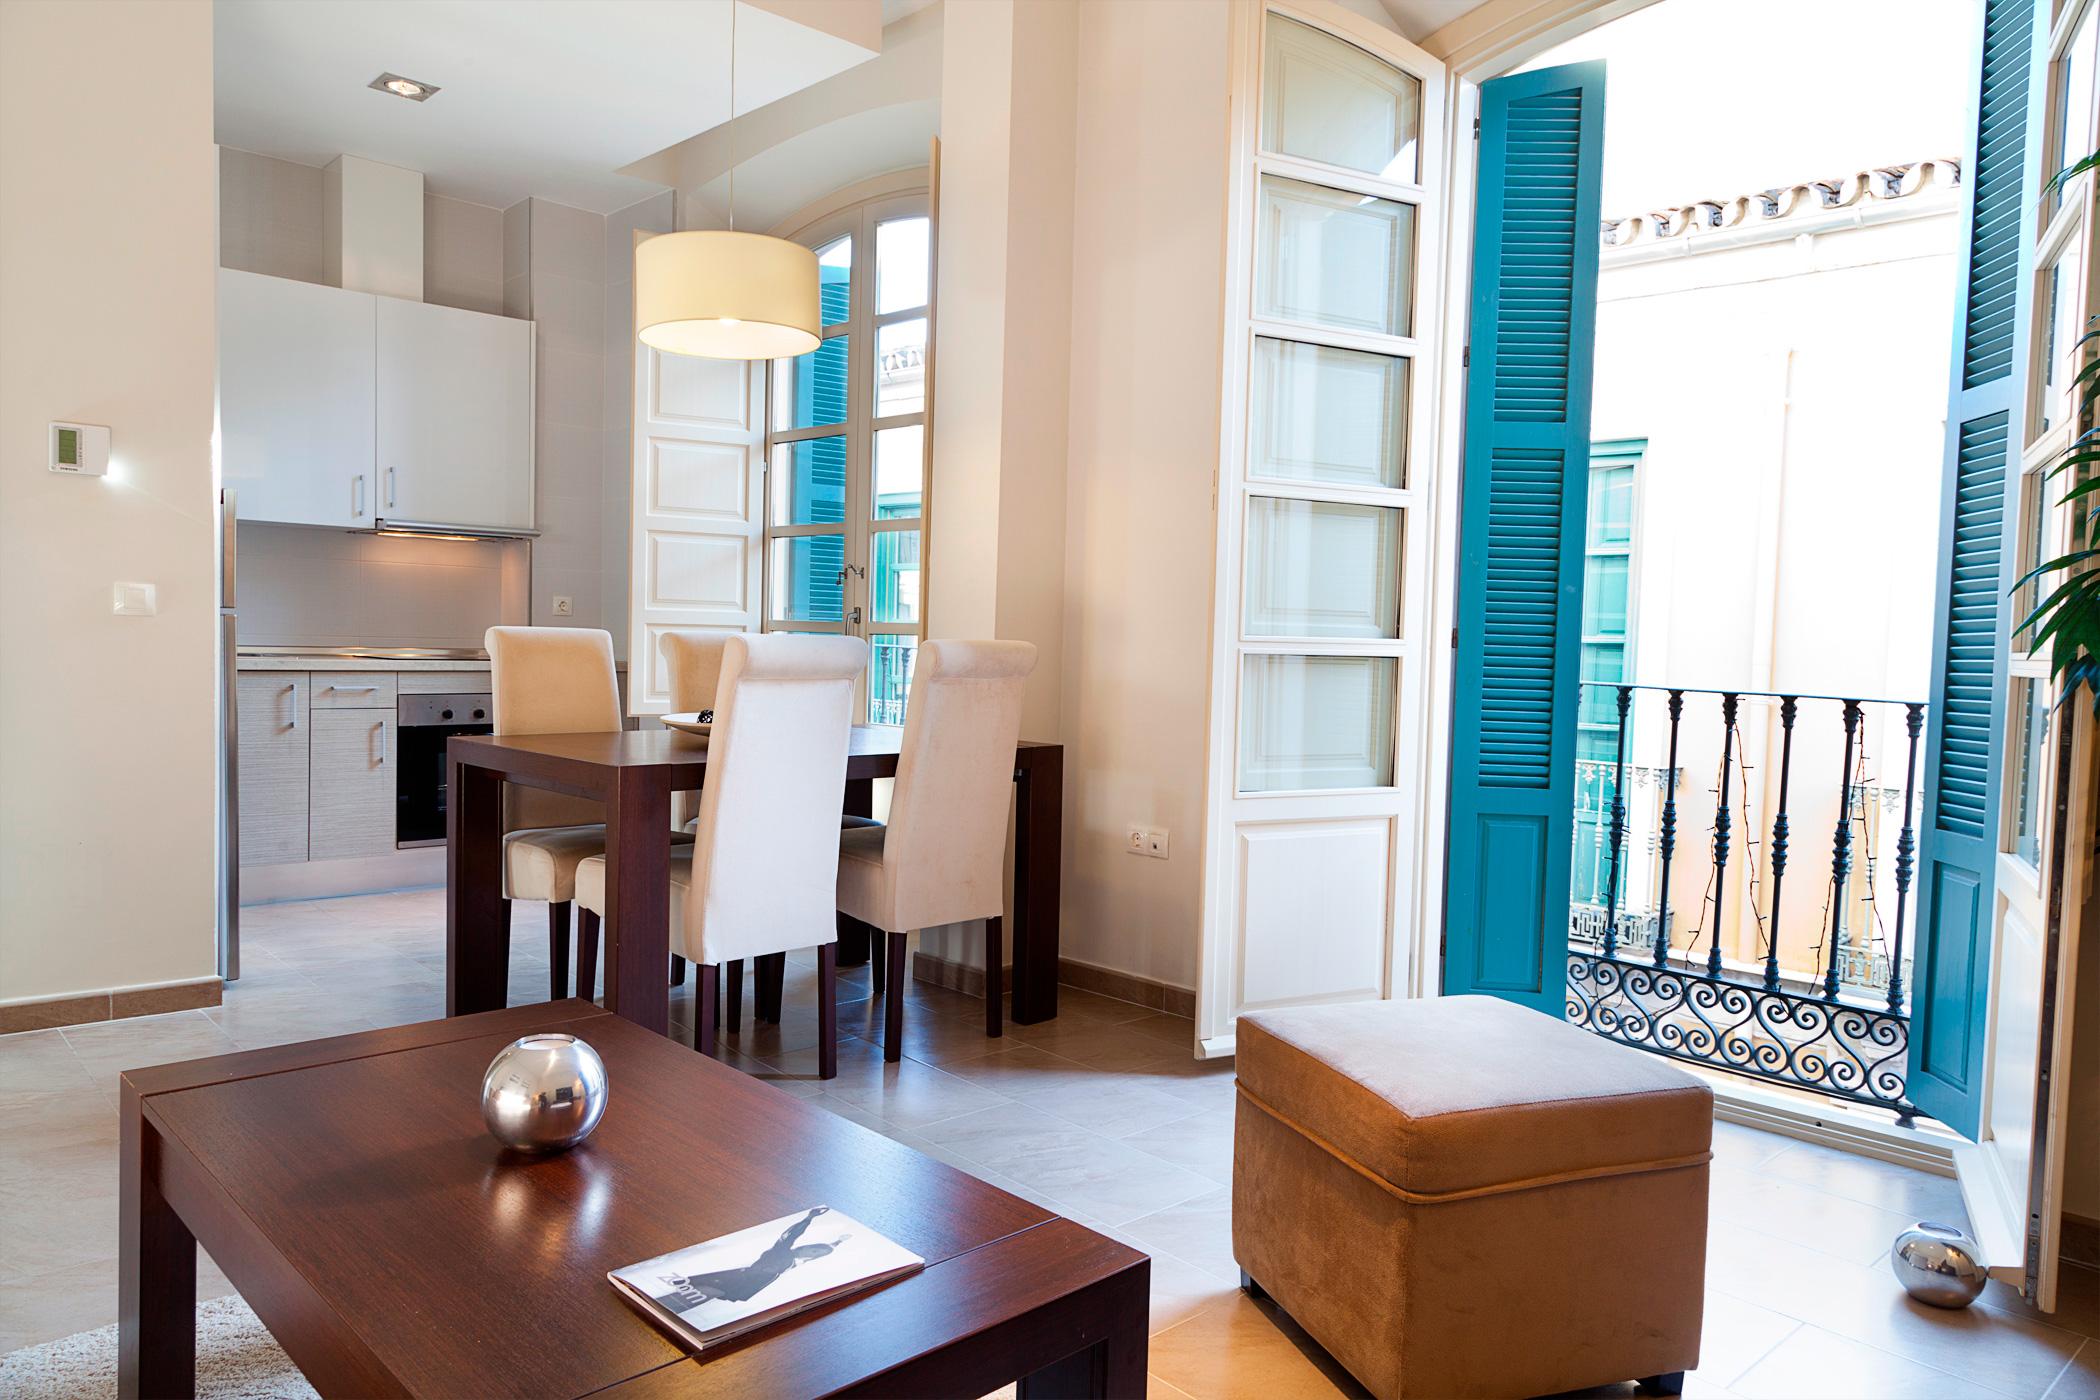 Home apartamentos pinar malaga centro pinar hospitality - Apartamento vacacional malaga ...